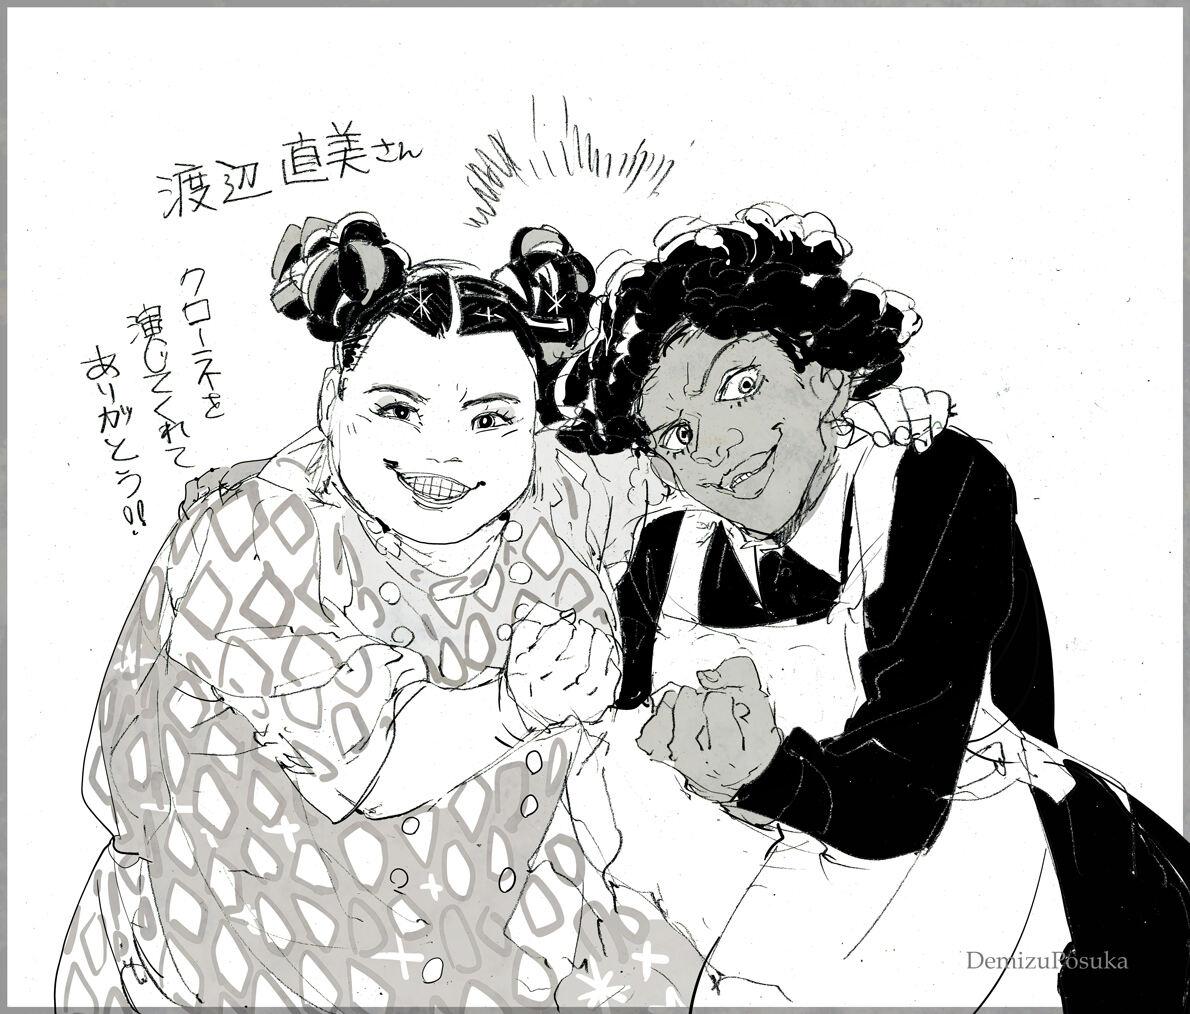 画像 ネバラン作画担当描き下ろしのシスタークローネと渡辺直美さんの描き下ろしイラストこちら あにまんch